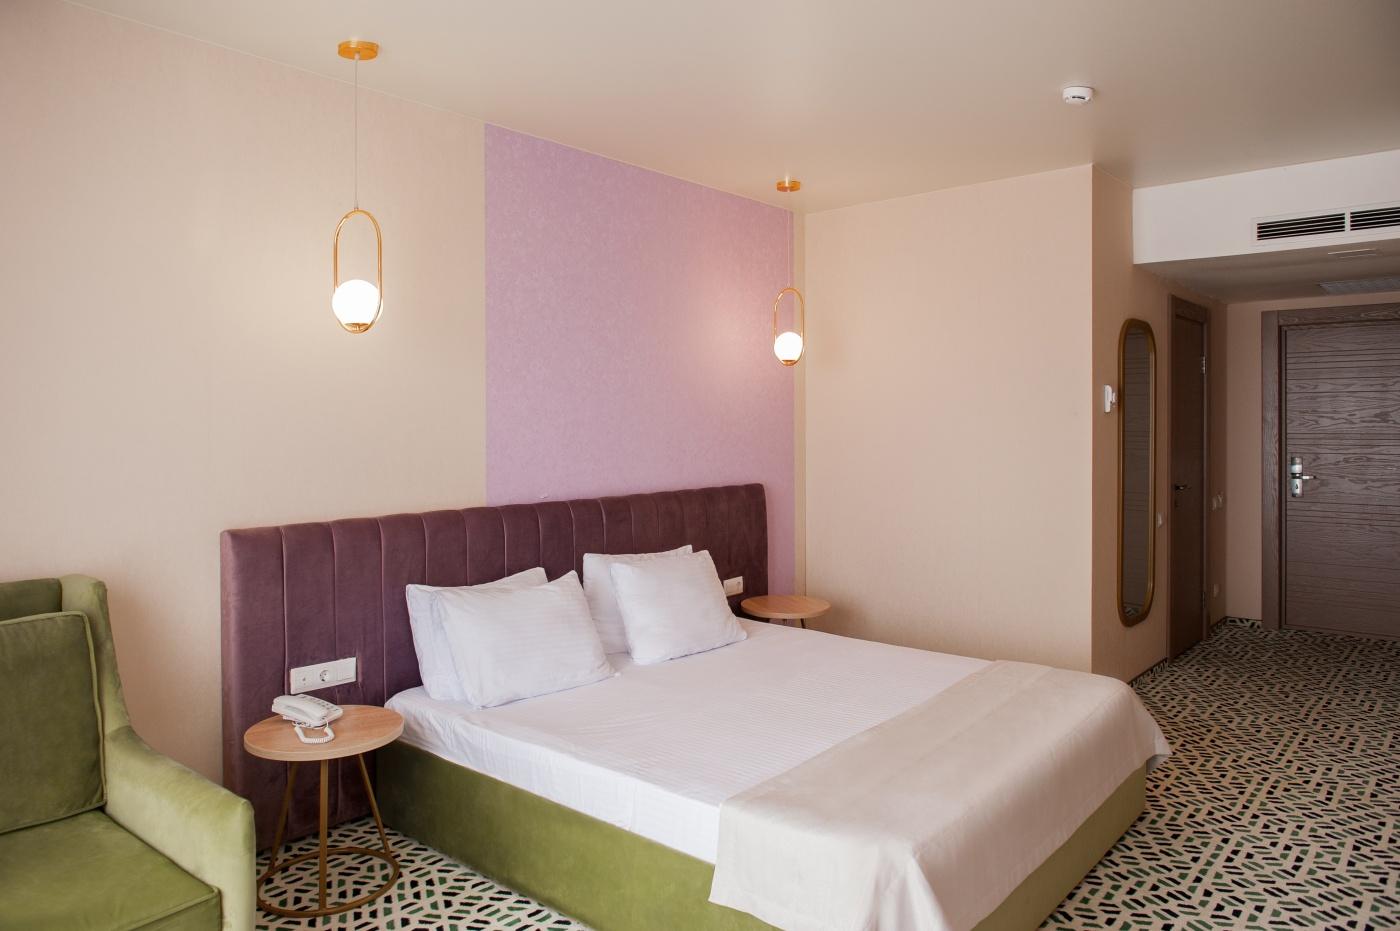 Отель «Aurum Family Resort & Spa» Краснодарский край Standard SV 2-местный (в корпусе), фото 5